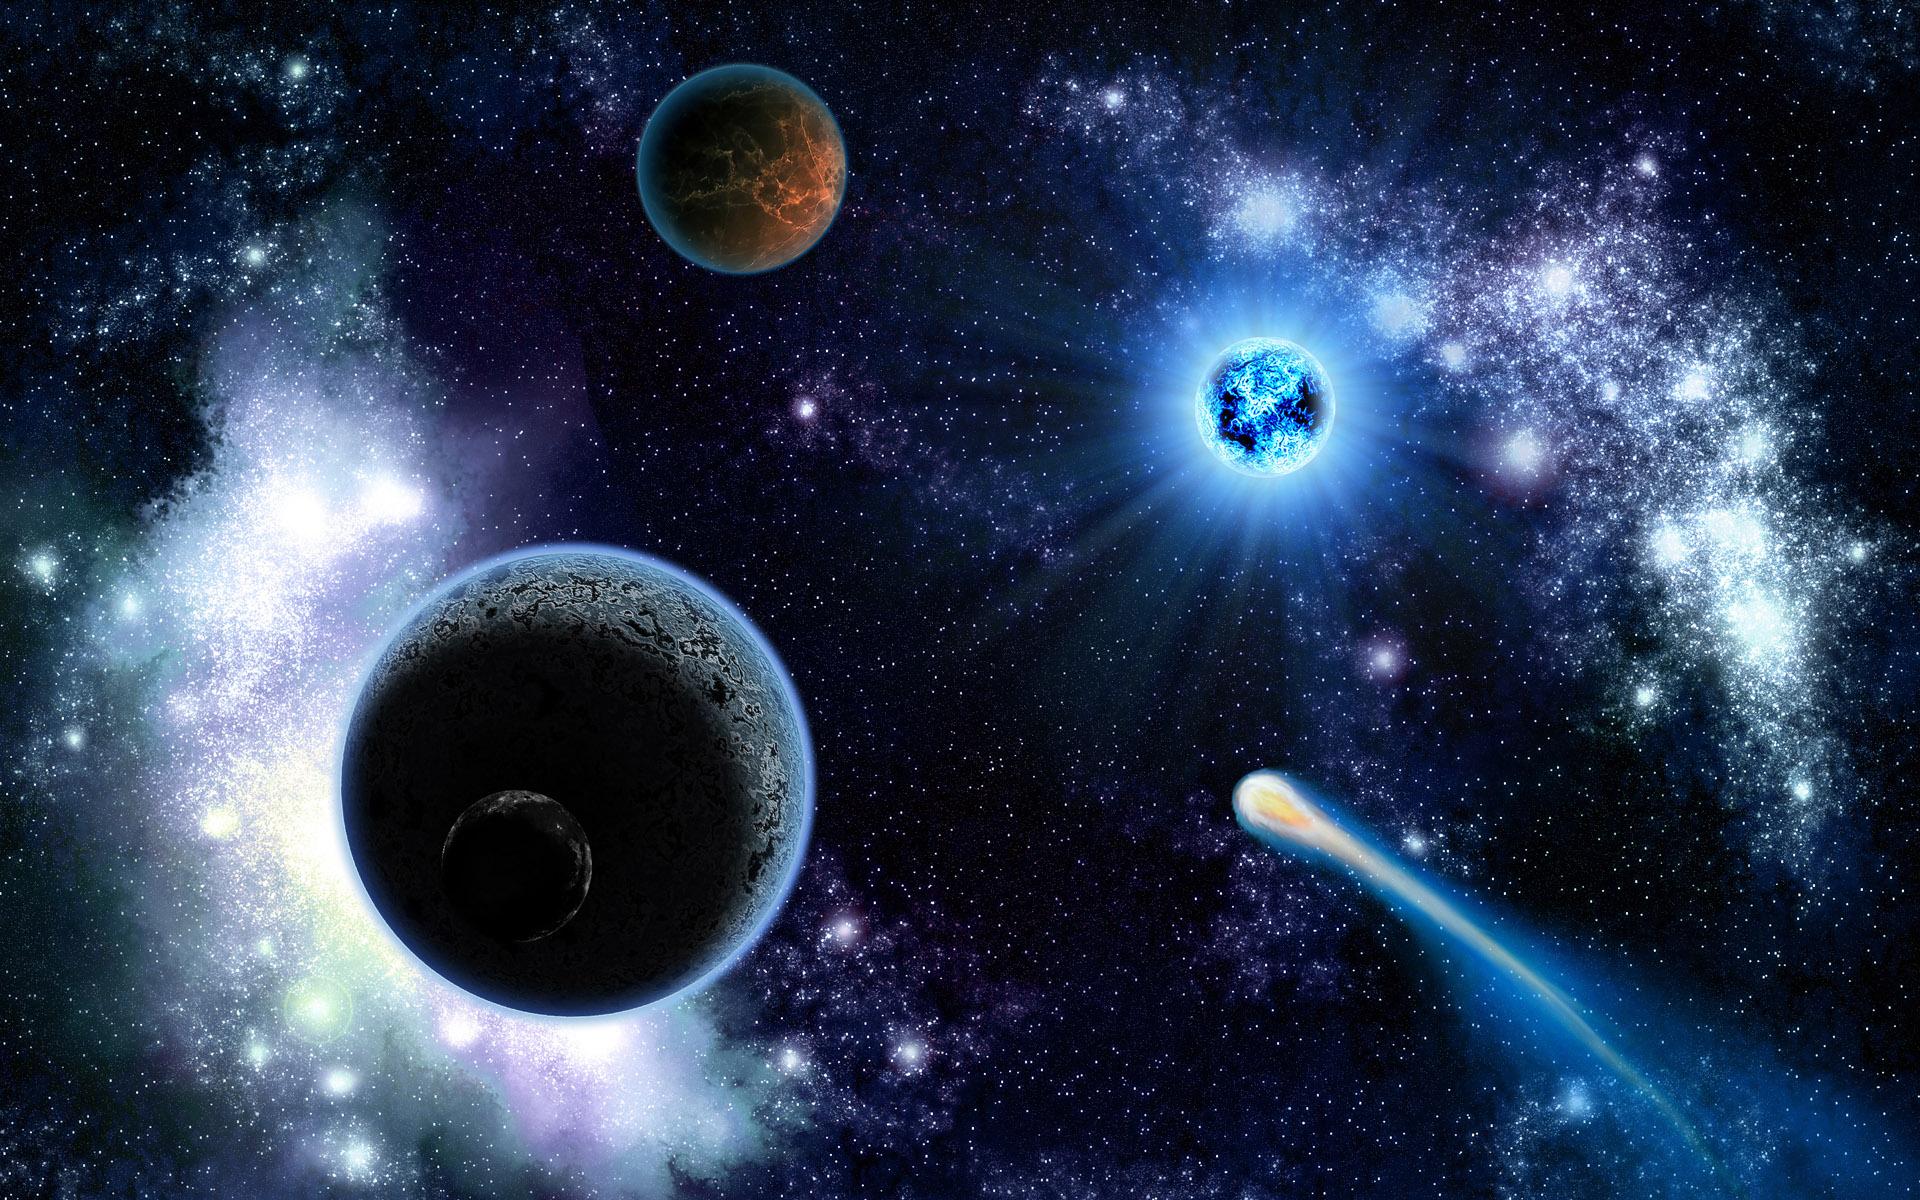 вселенная с кометами картинки этот момент